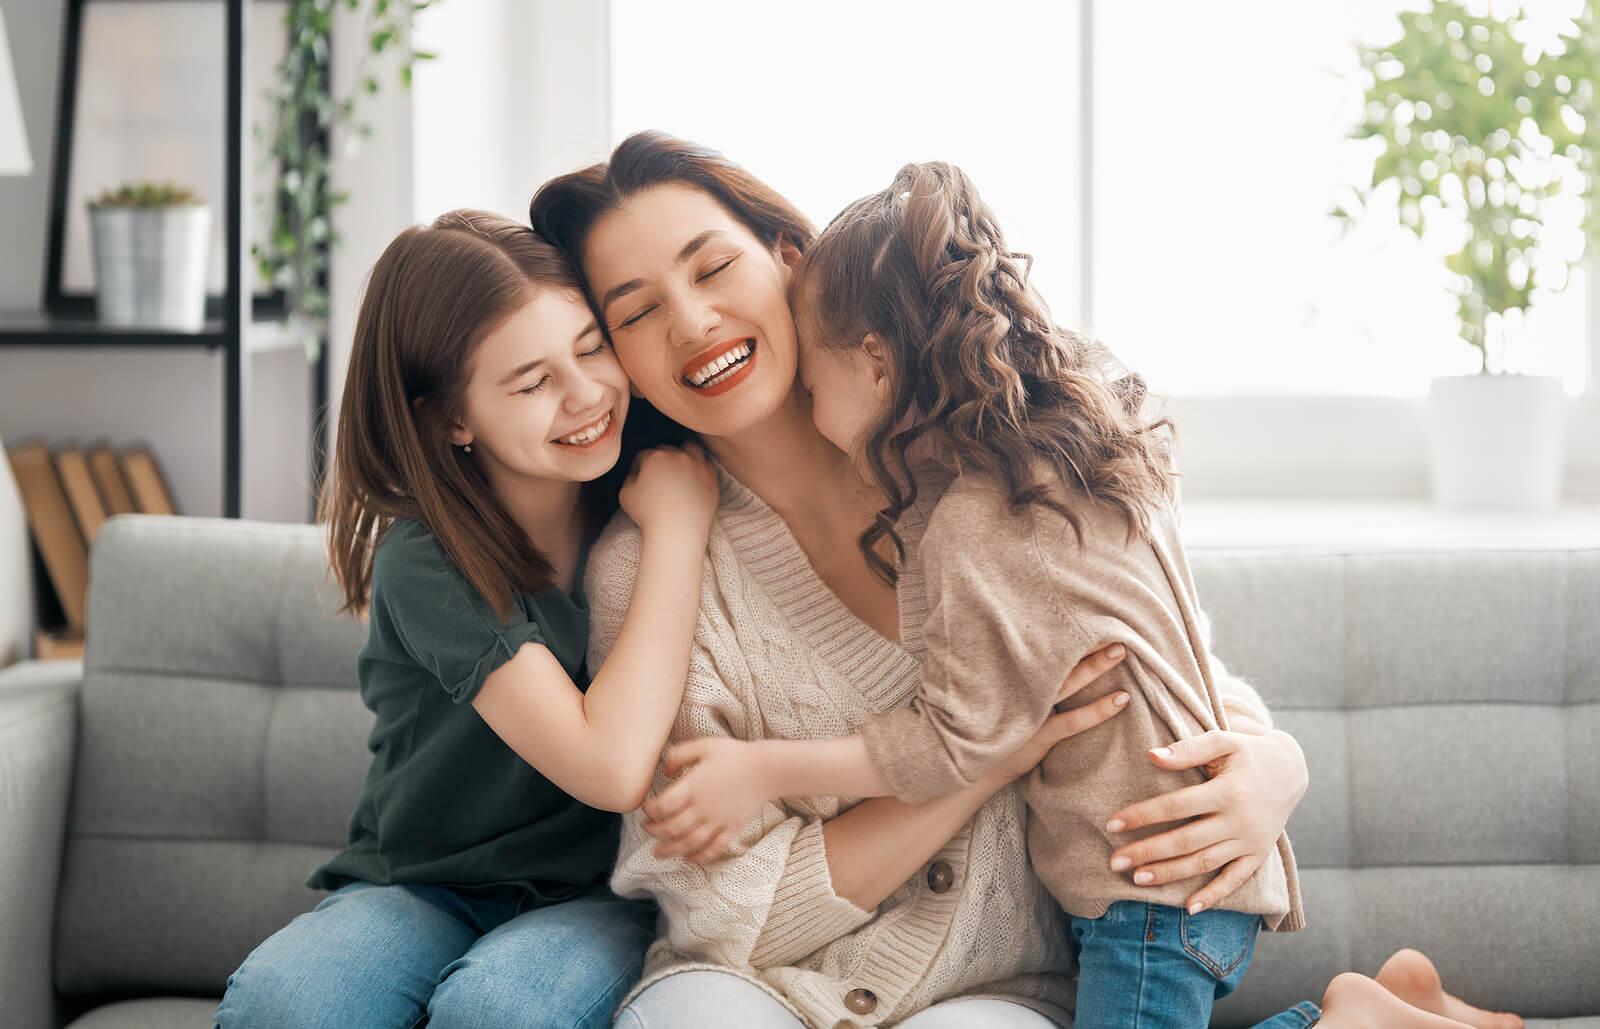 Madre abrazando a sus hijas porque es el tipo de mamá completa.